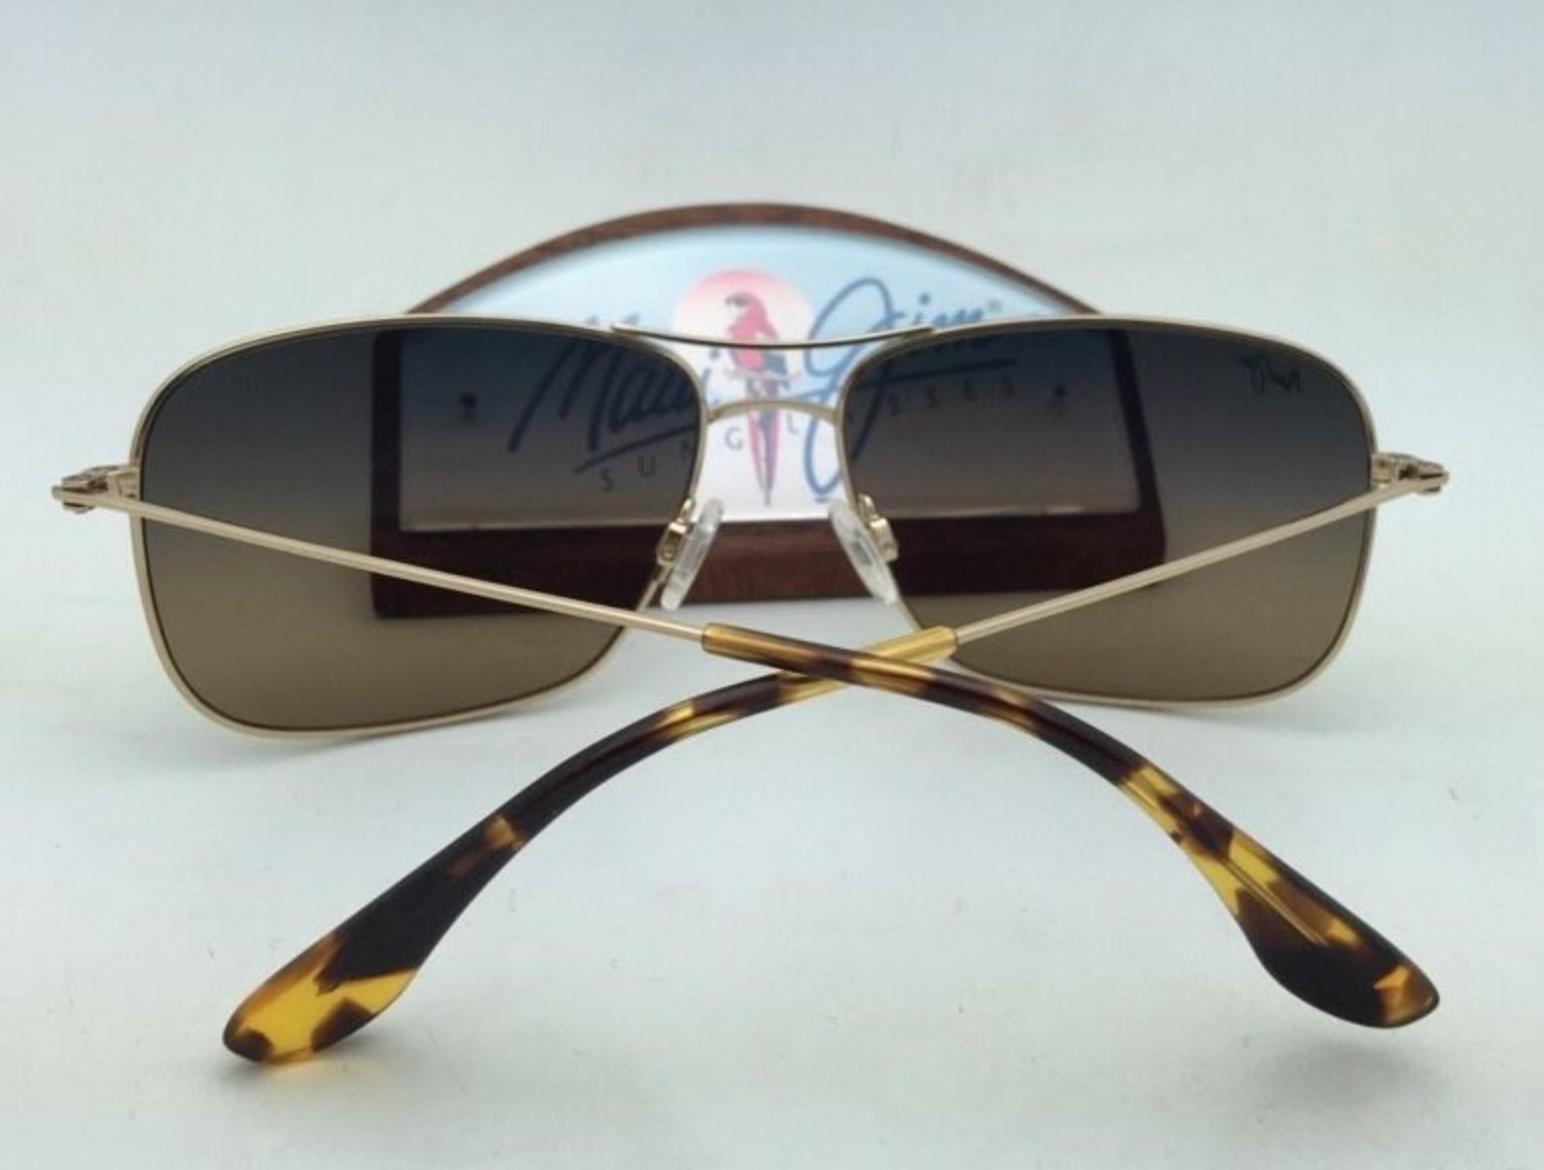 Polarizzati Maui Jim Occhiali da Sole Titanio Wiki Mj 246-16 Oro Telaio Marrone